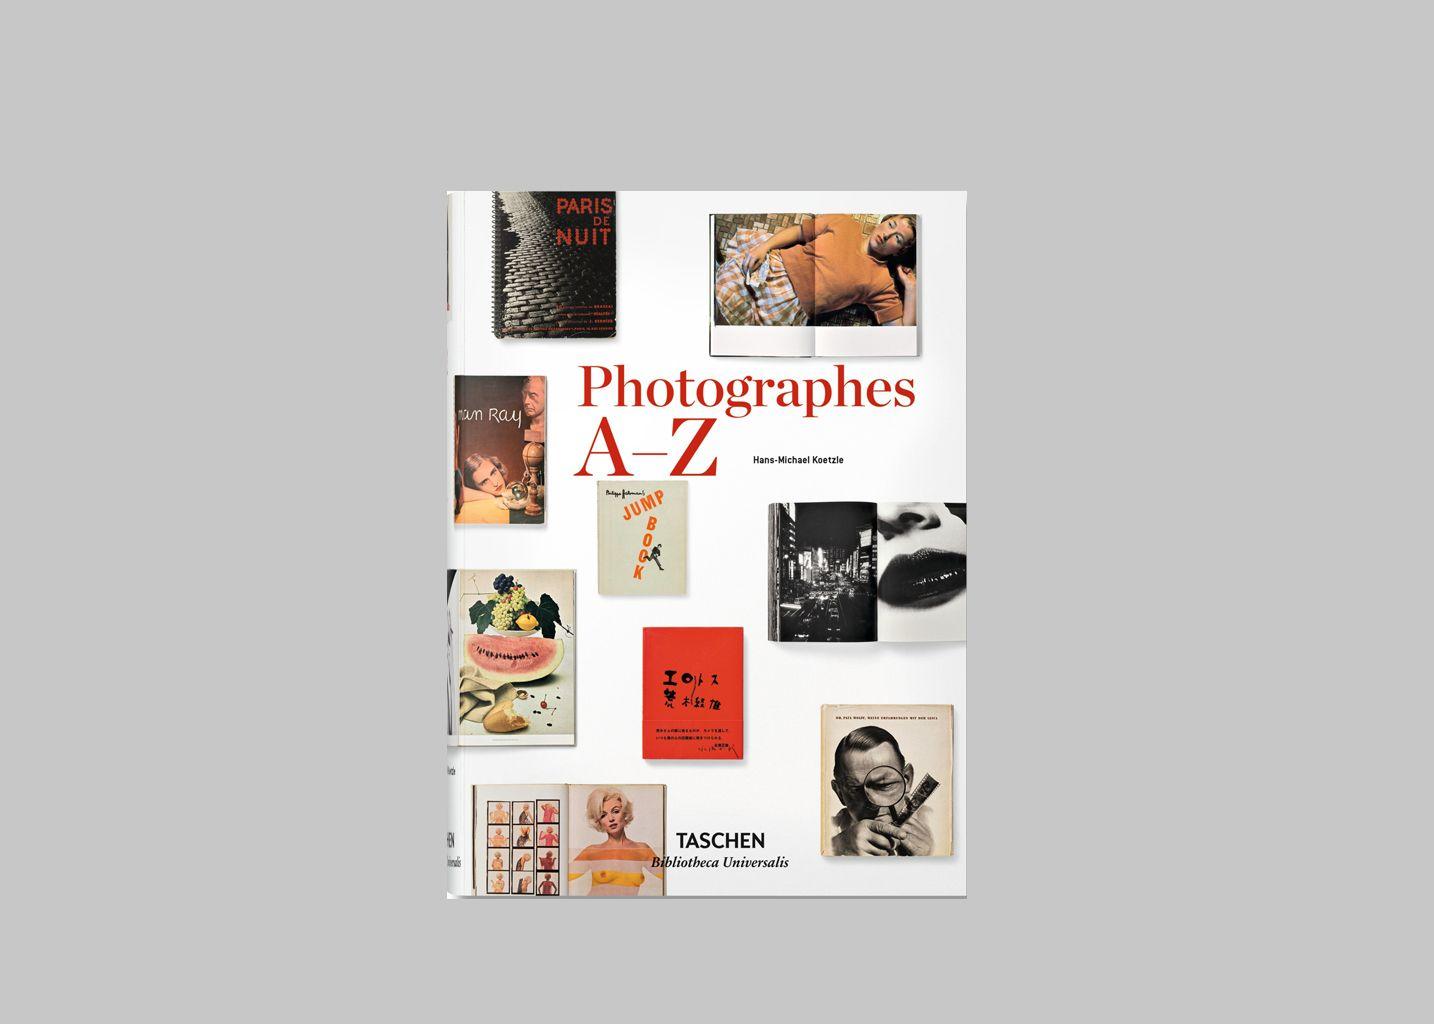 Photographers A-Z - La Librairie